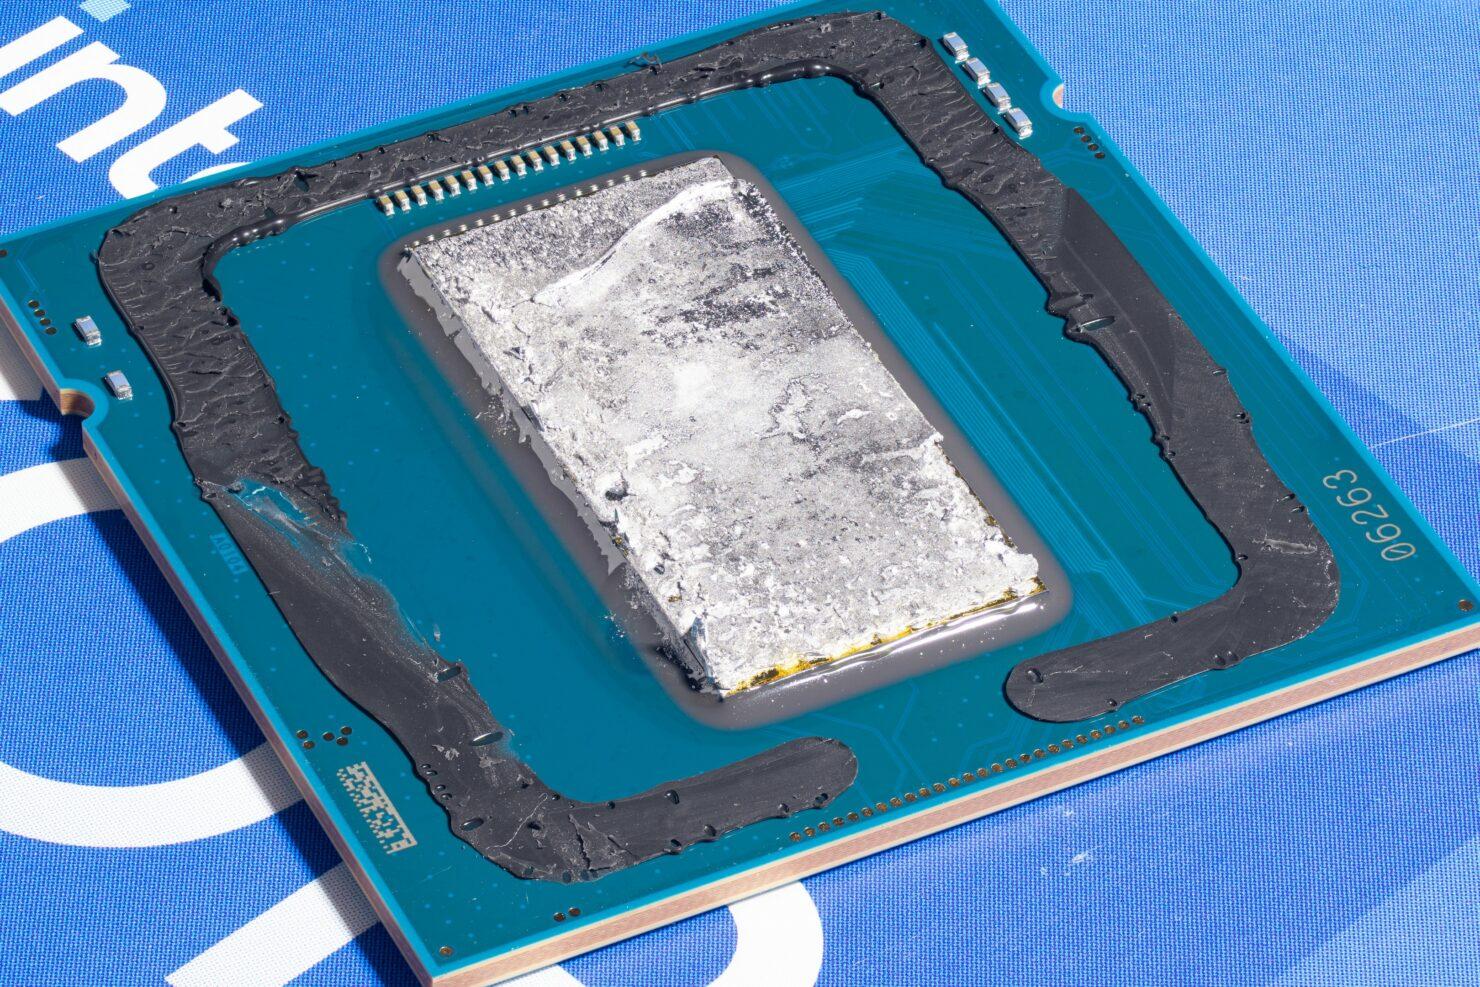 Intel Rocket Lake Desktop CPU Tested While Delidded, Gets Super High-Res Die Shots